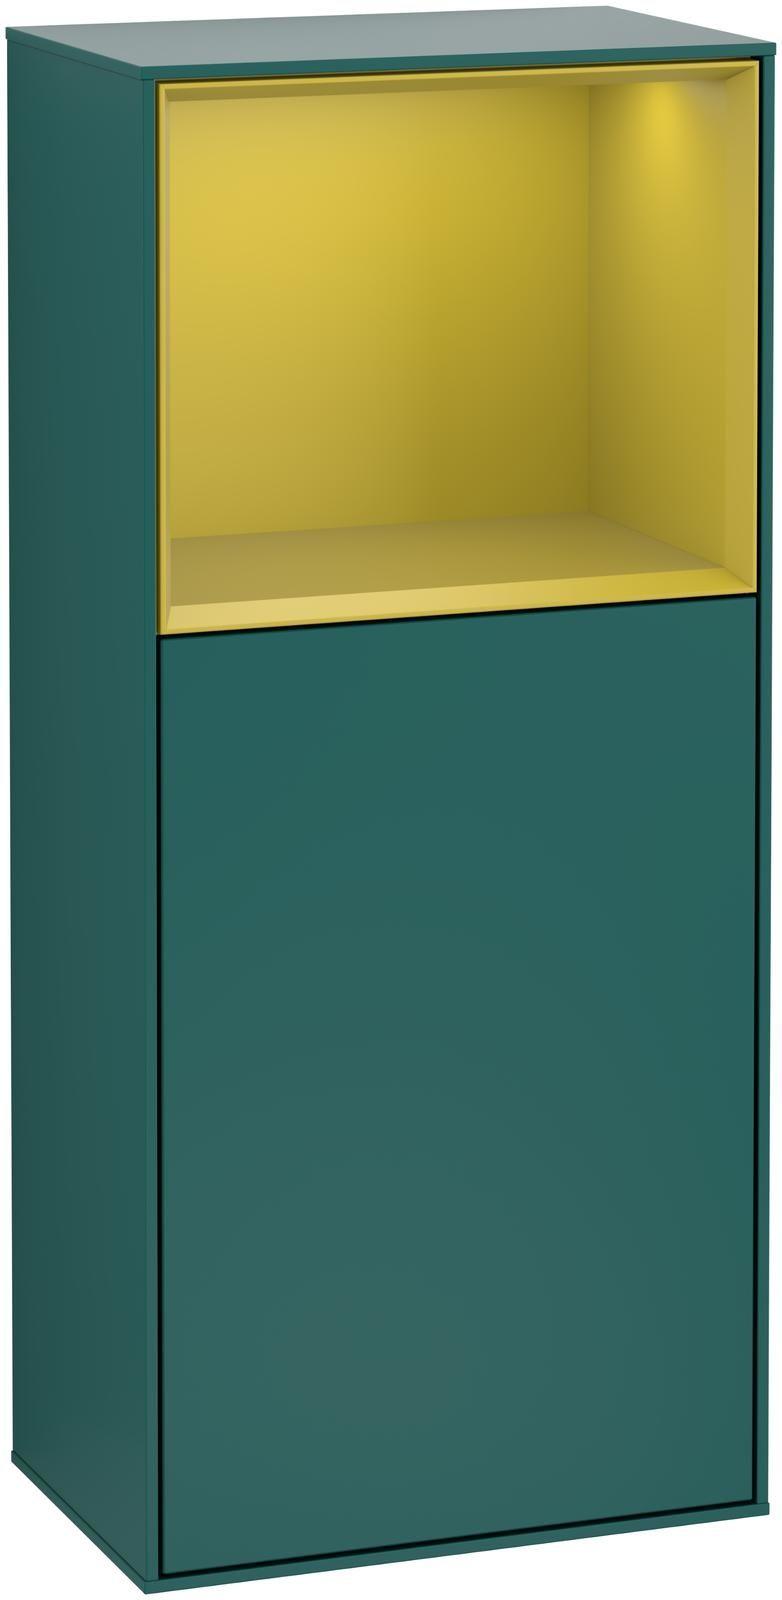 Villeroy & Boch Finion G52 Seitenschrank mit Regalelement 1 Tür Anschlag links LED-Beleuchtung B:41,8xH:93,6xT:27cm Front, Korpus: Cedar, Regal: Sun G520HEGS